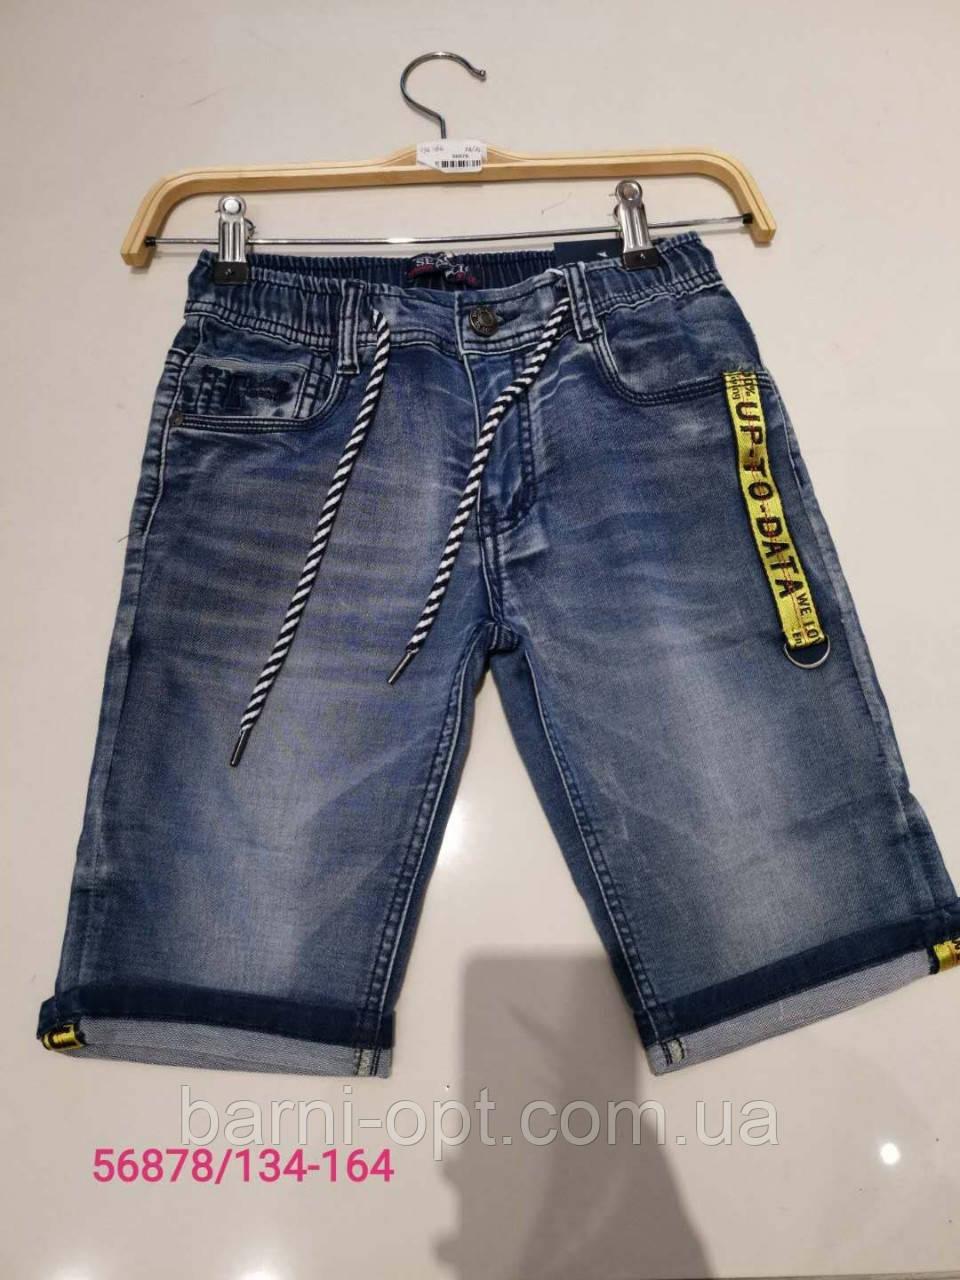 Шорты джинсовые на мальчика оптом, Seagull, 134-164 рр